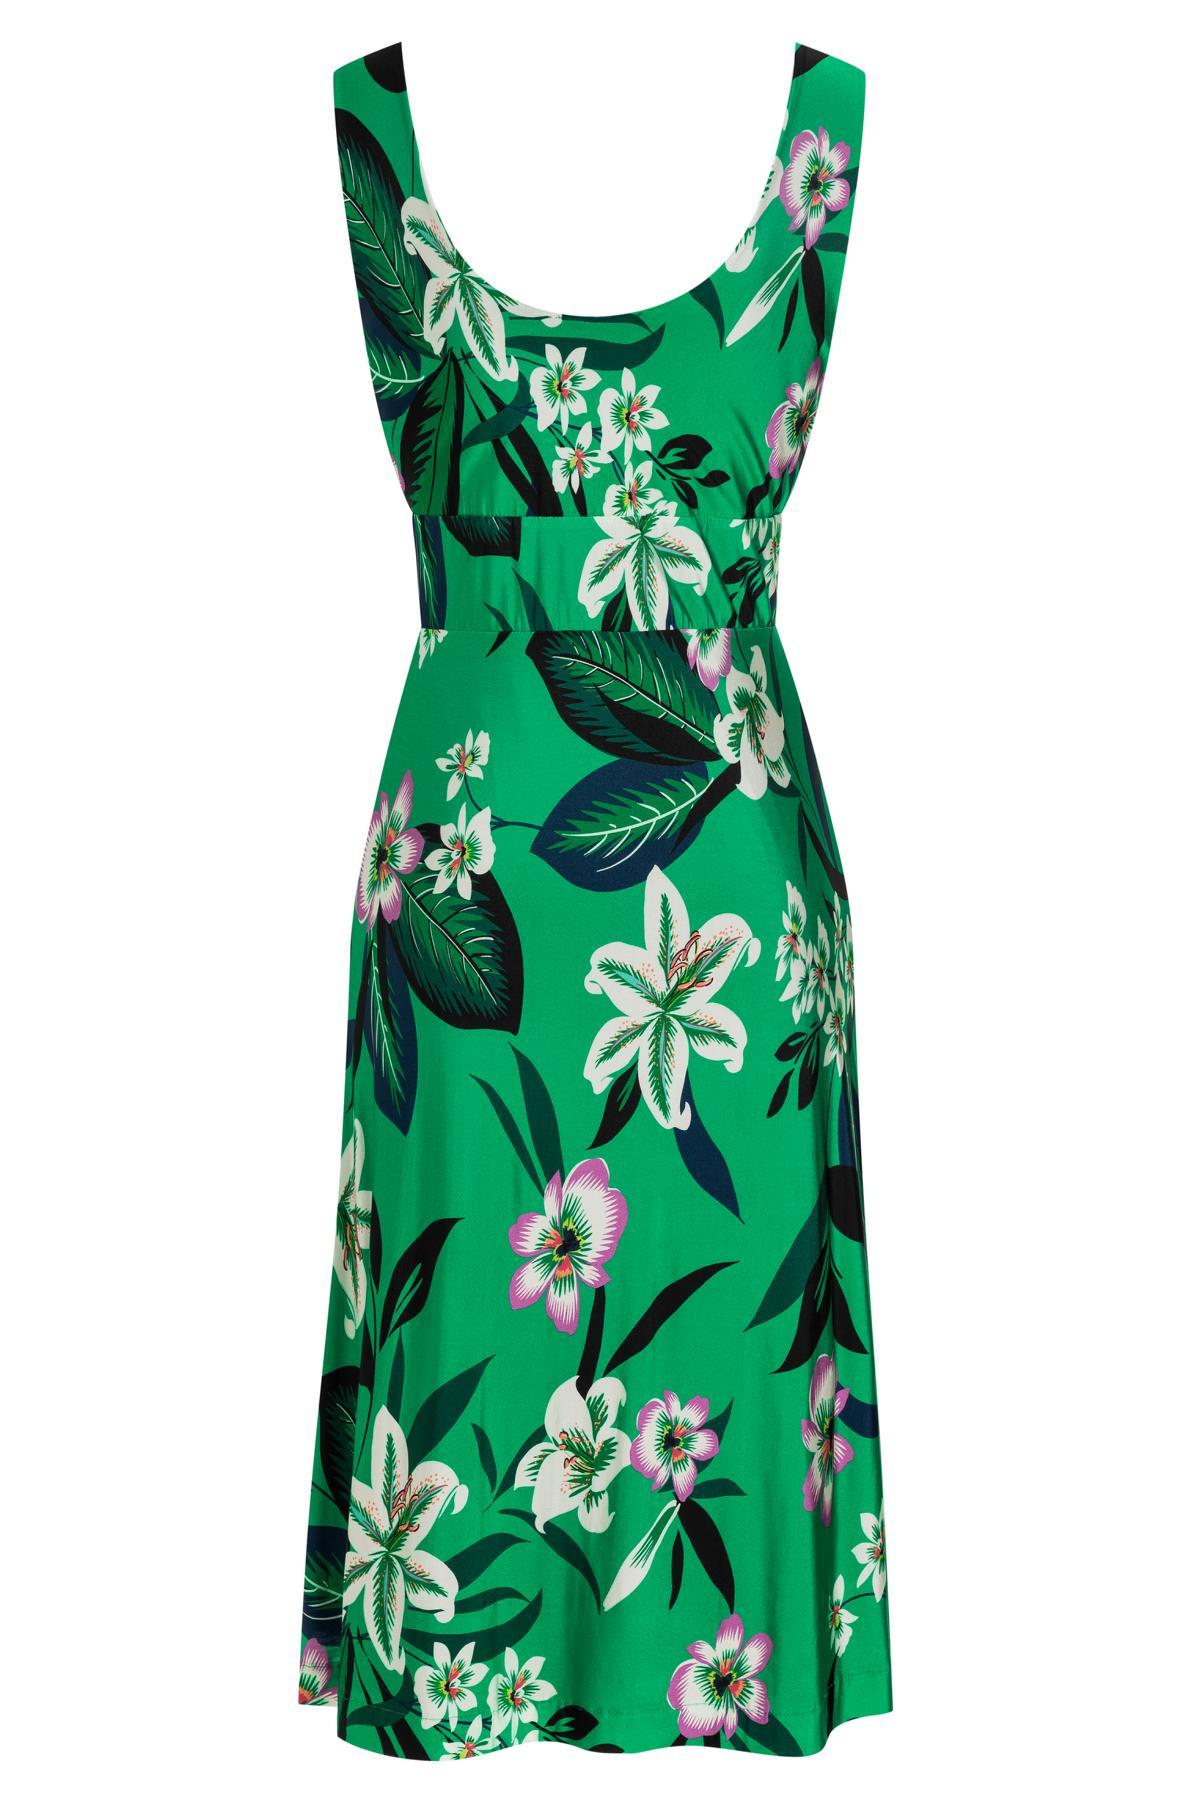 Detailansicht 2 von Ana Alcazar Tailliertes Kleid Temonta